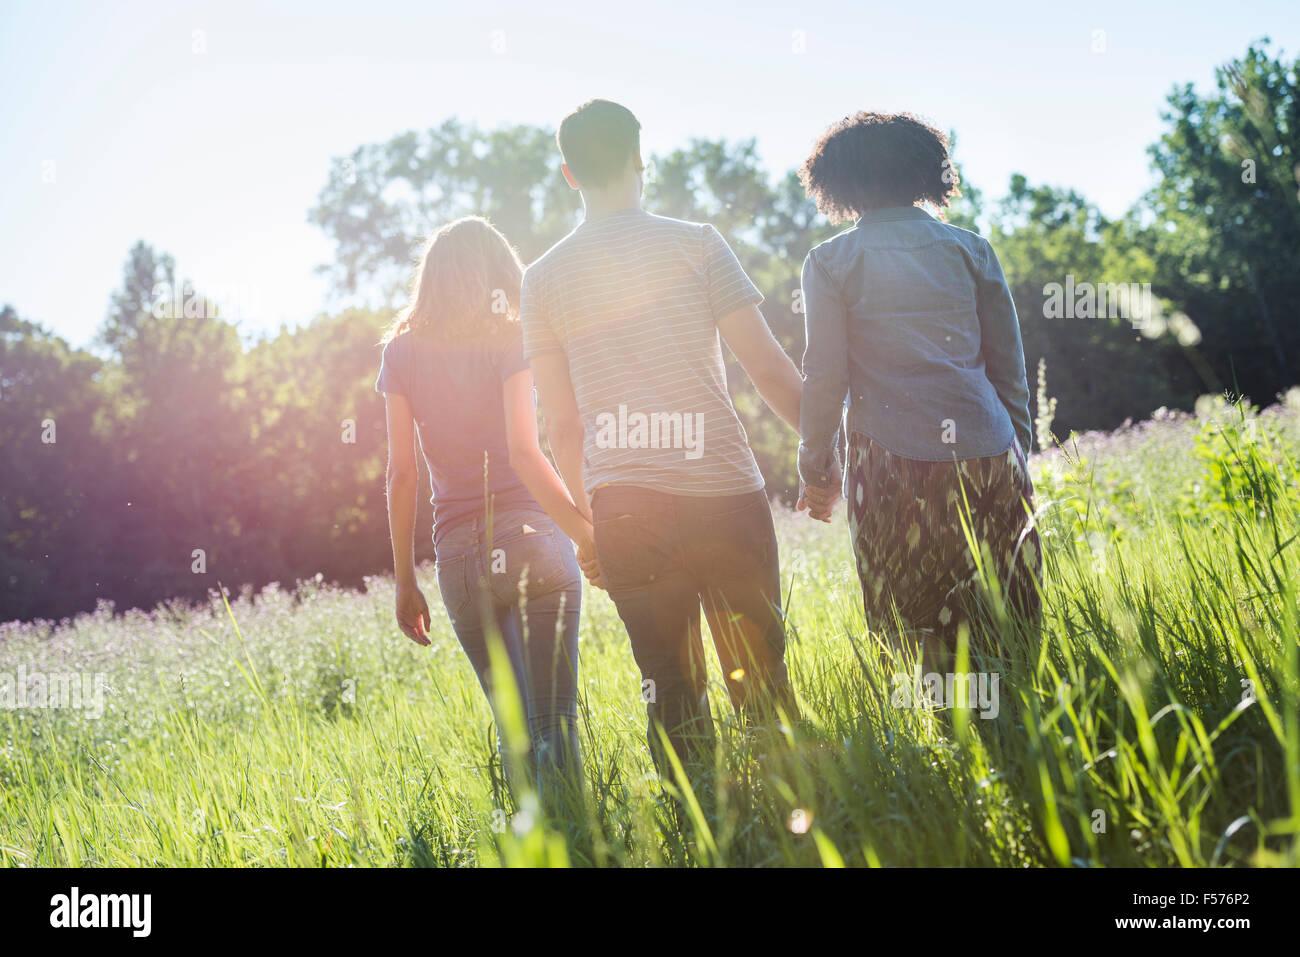 Tre persone che camminano mano nella mano attraverso l'erba lunga, in estate. Vista posteriore. Immagini Stock